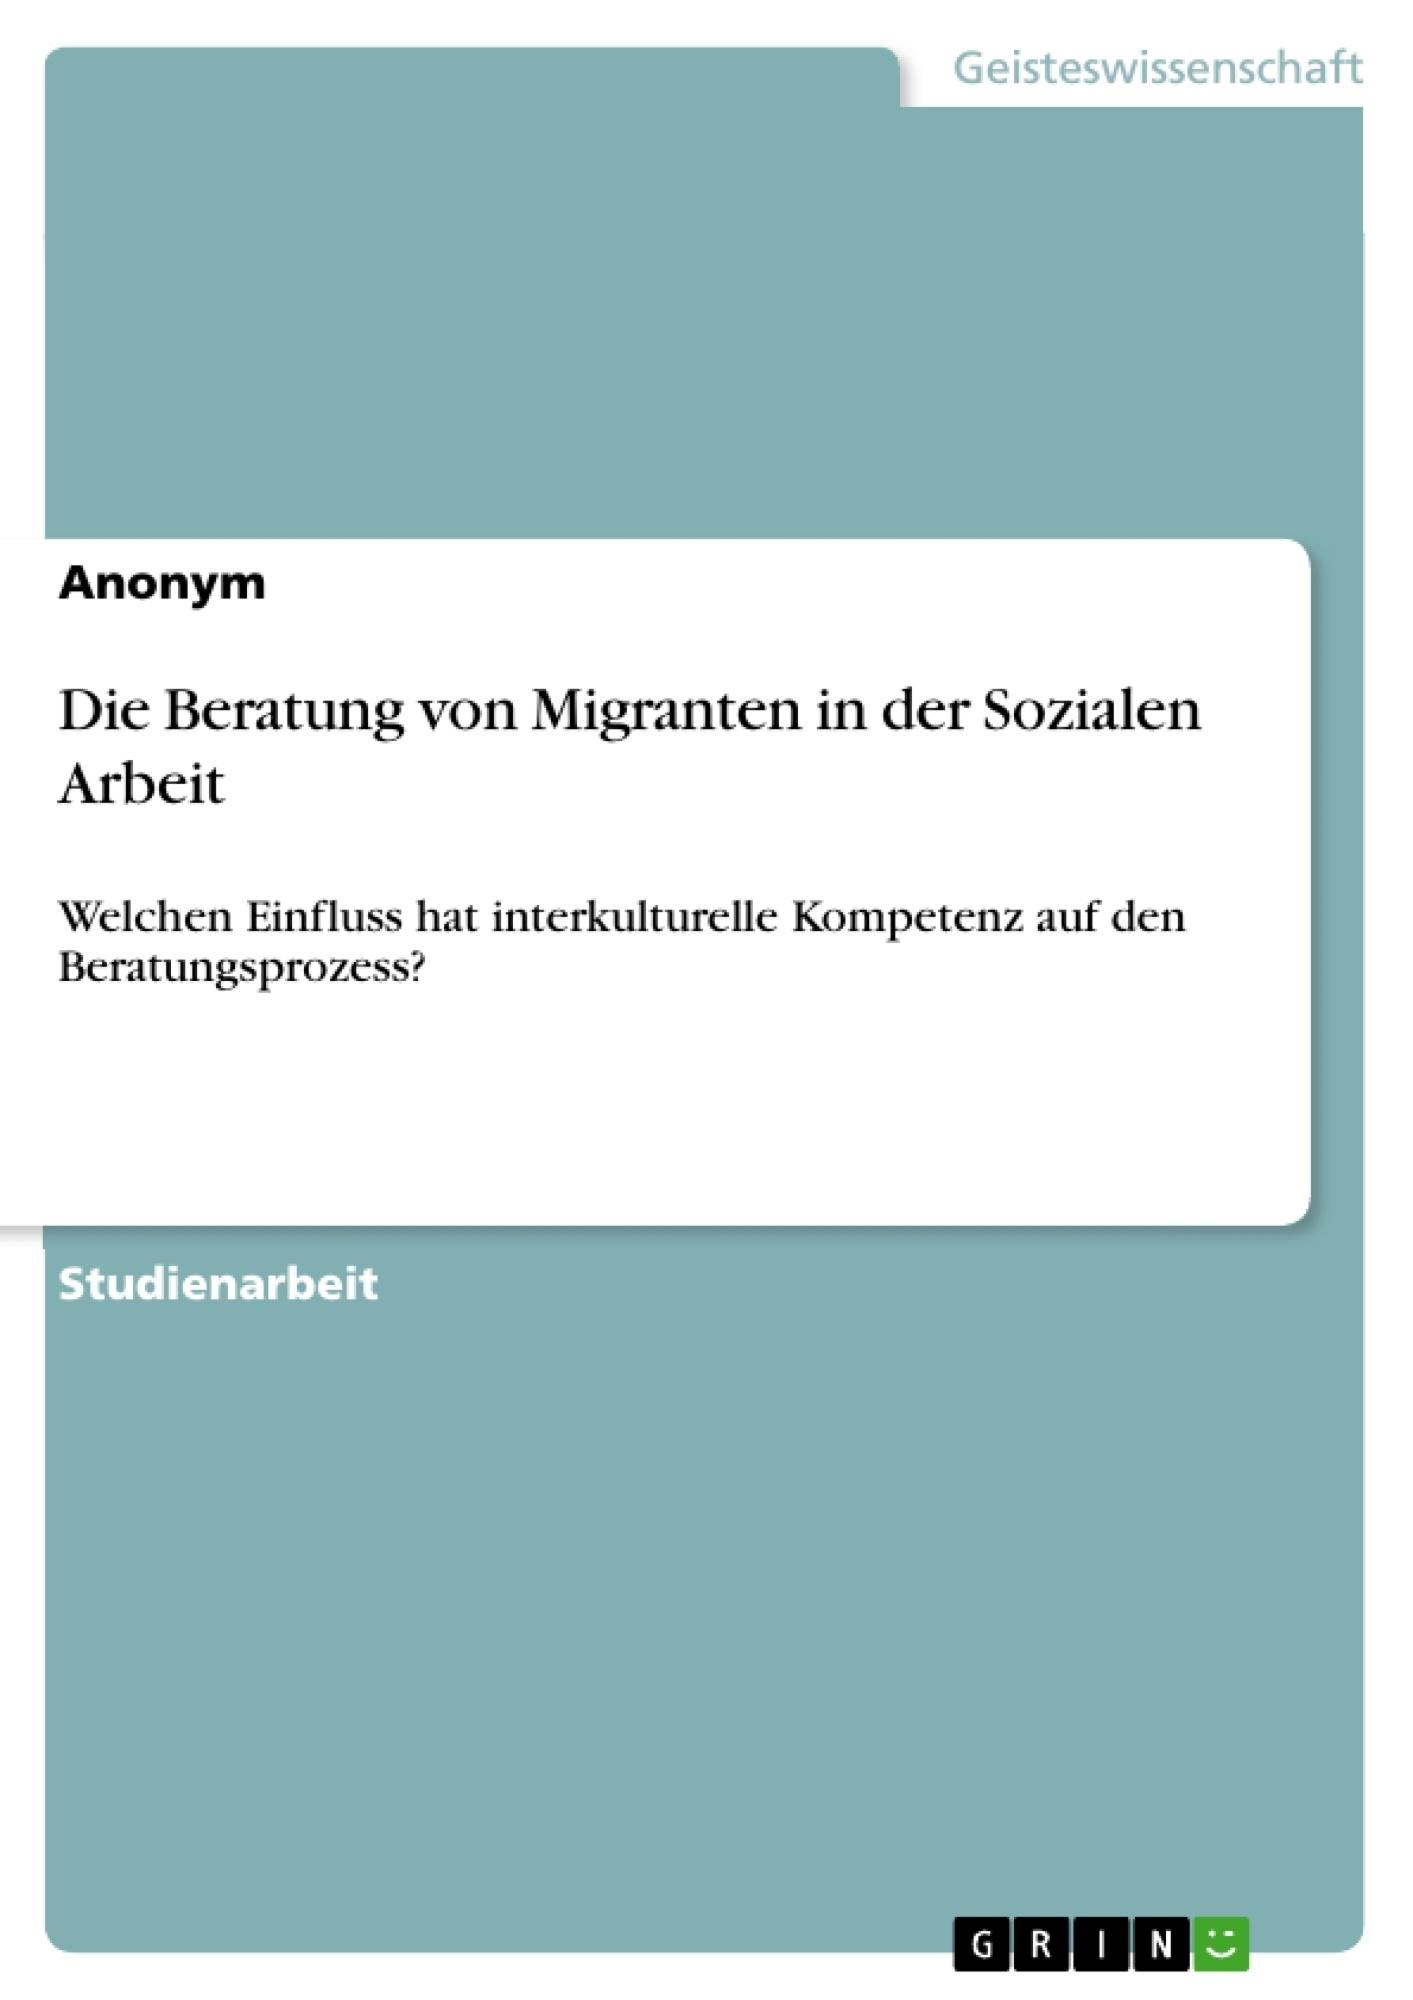 Titel: Die Beratung von Migranten in der Sozialen Arbeit